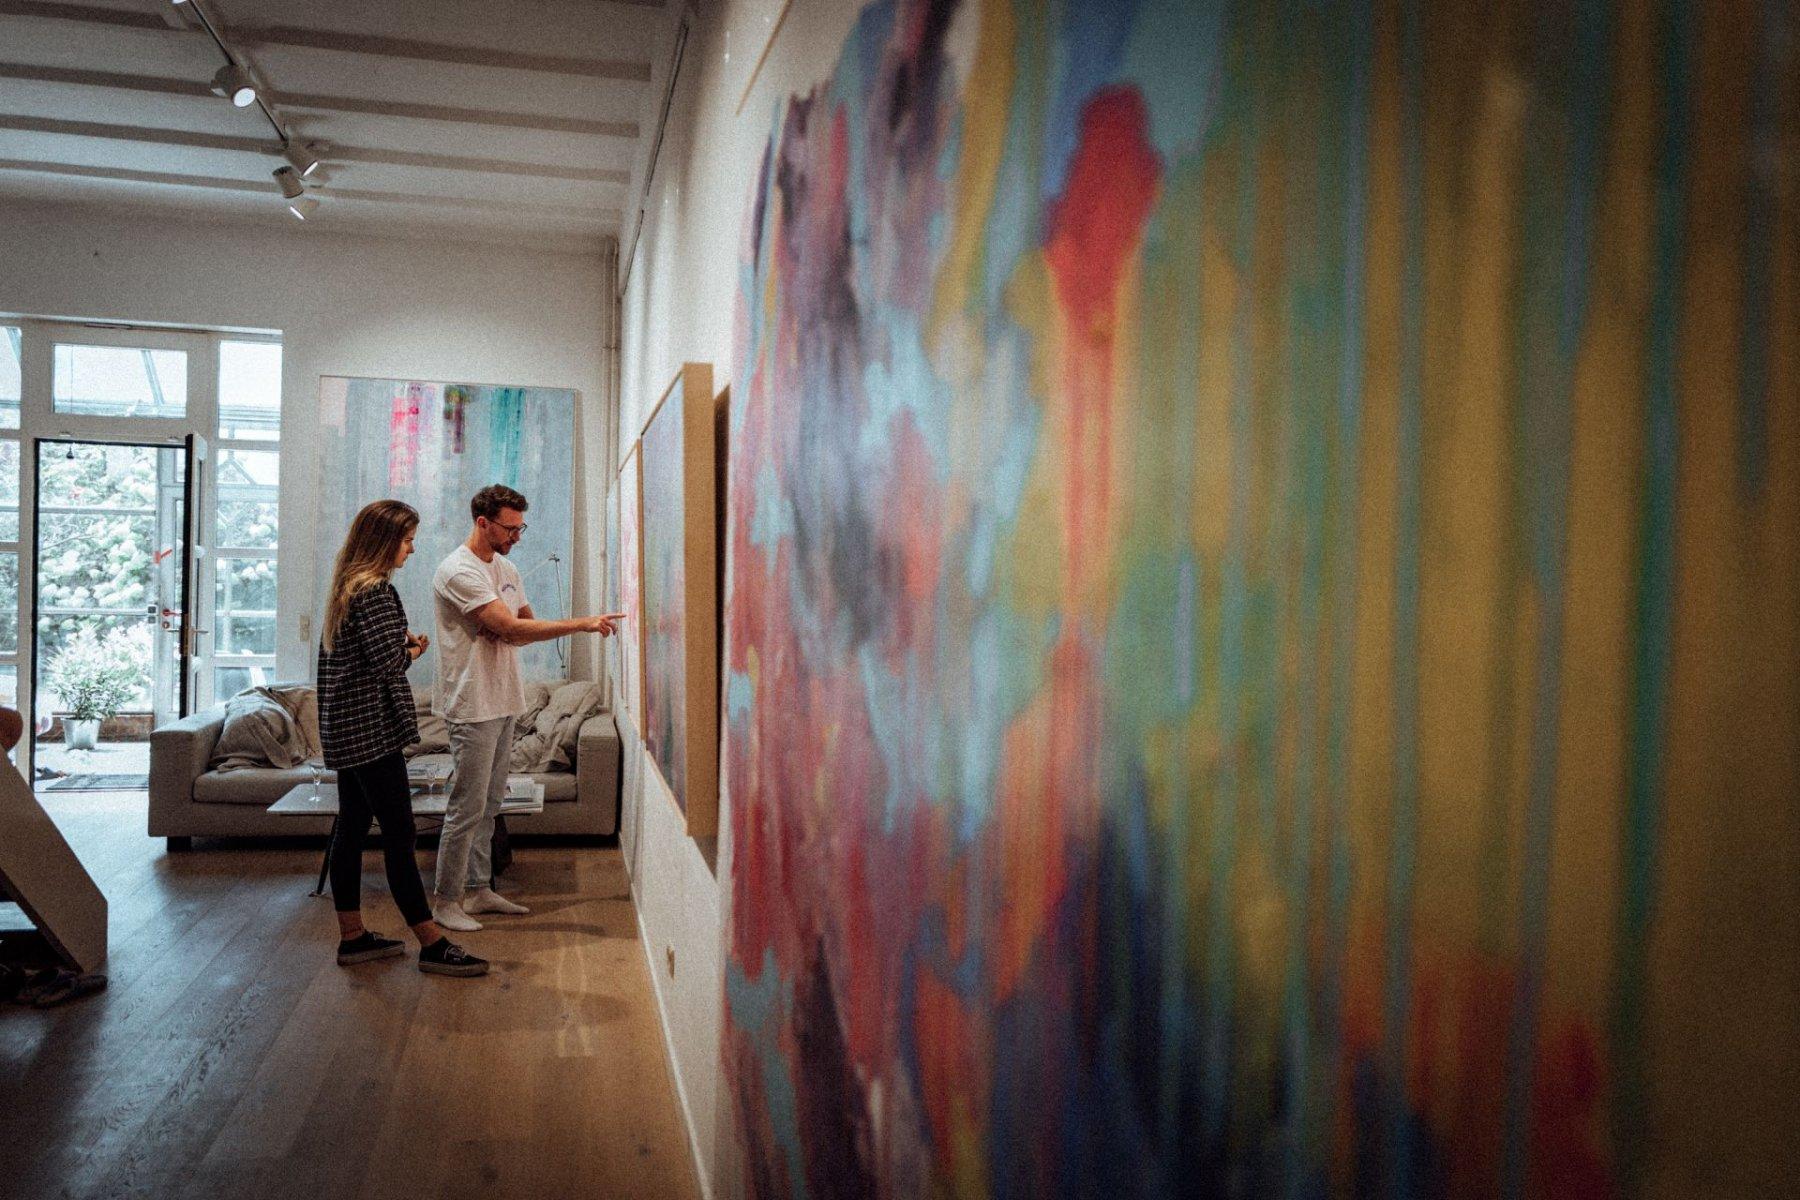 Kunst gucken mit Paul Schrader!